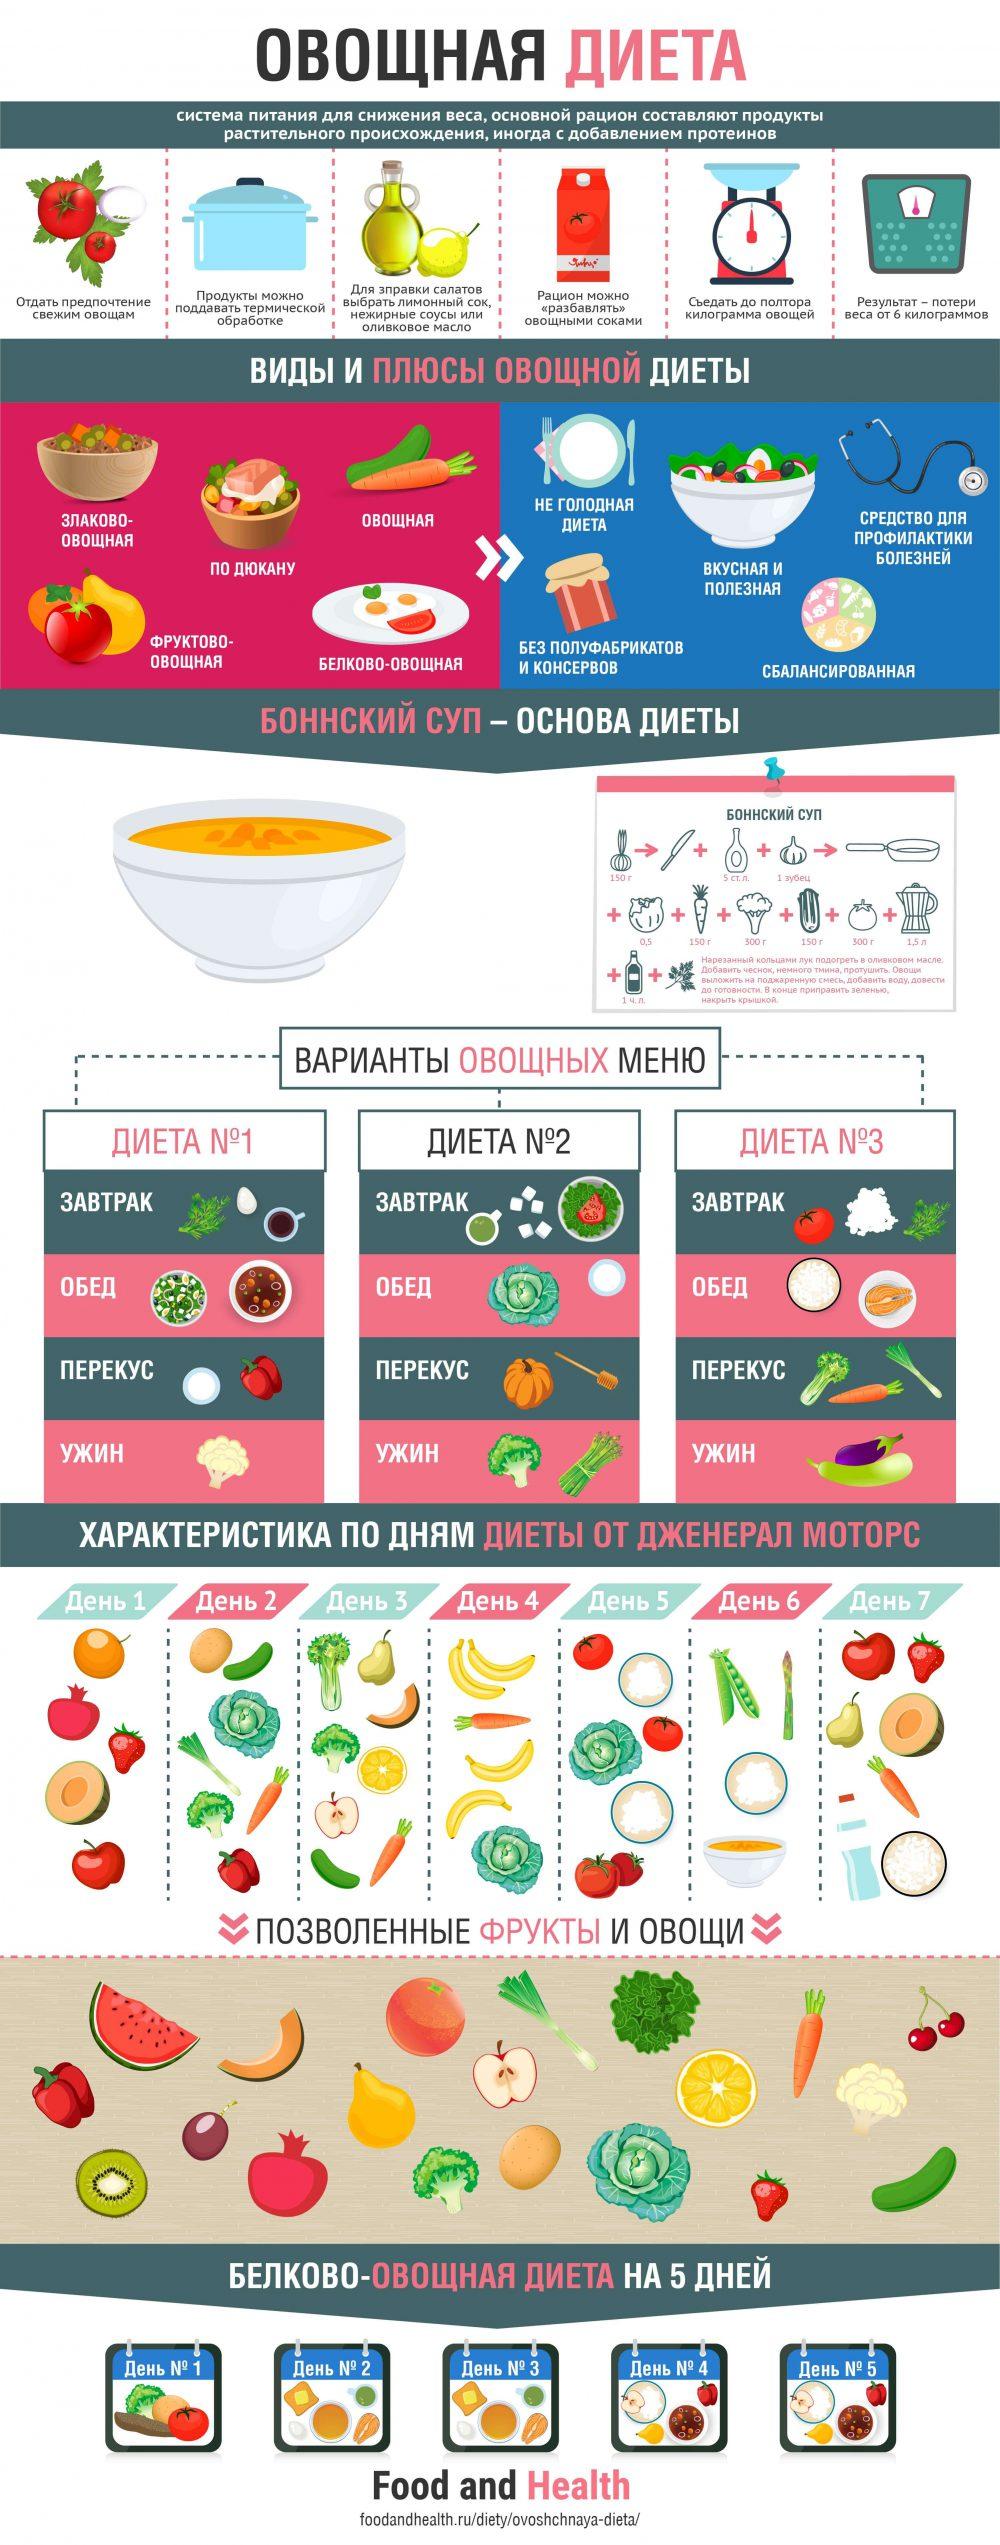 Овощная диета - инфографика